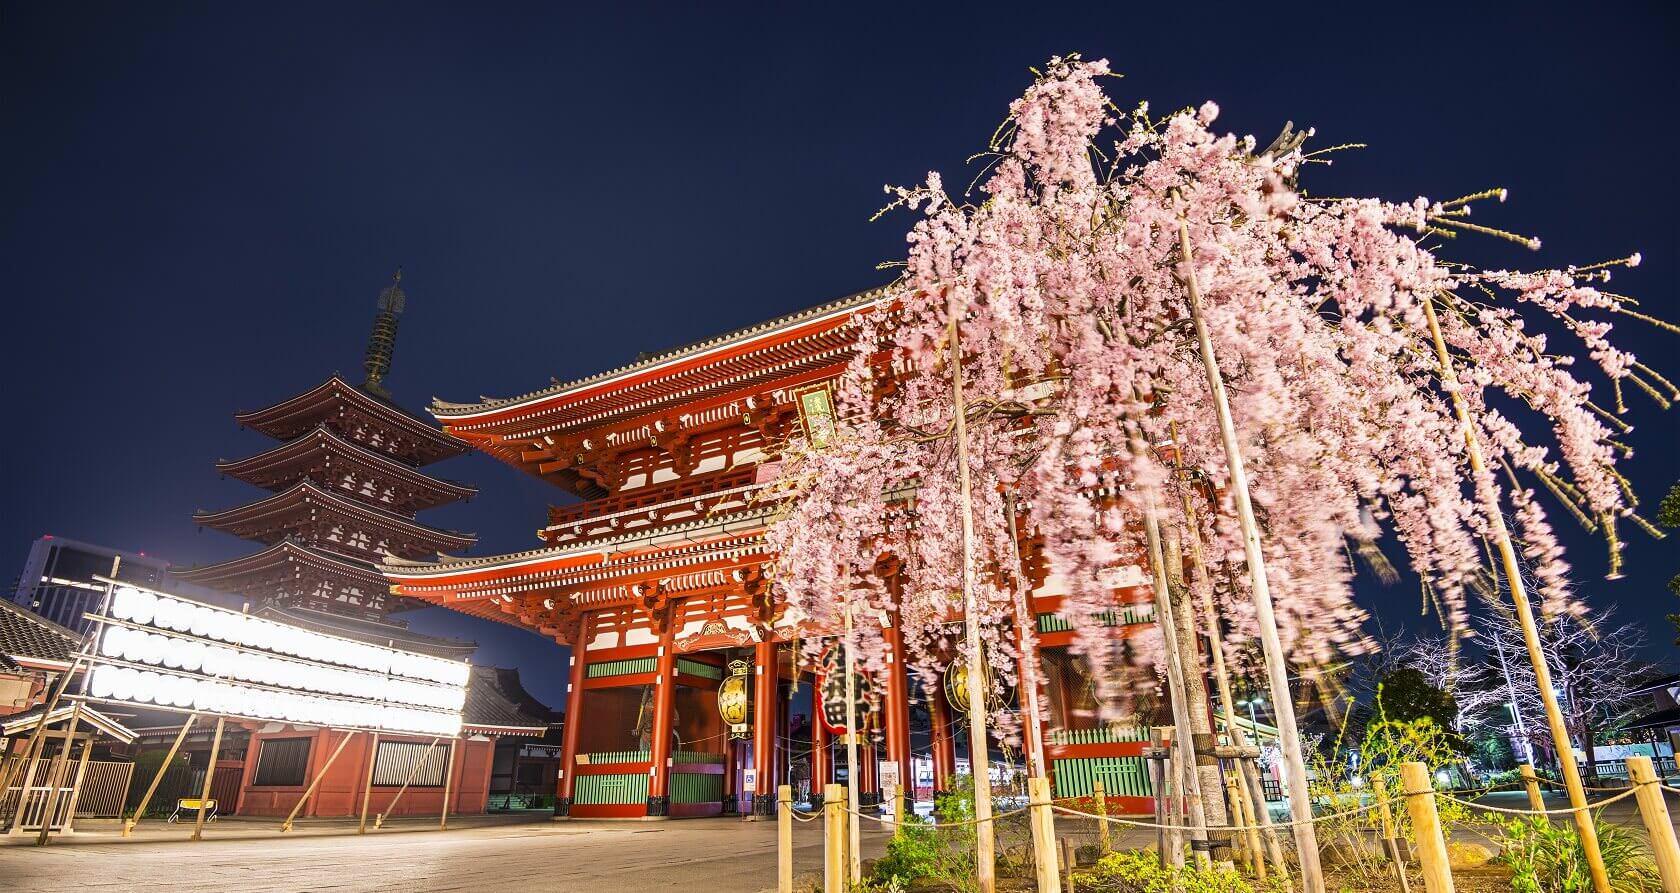 Asakusa Sensoji with Sakura